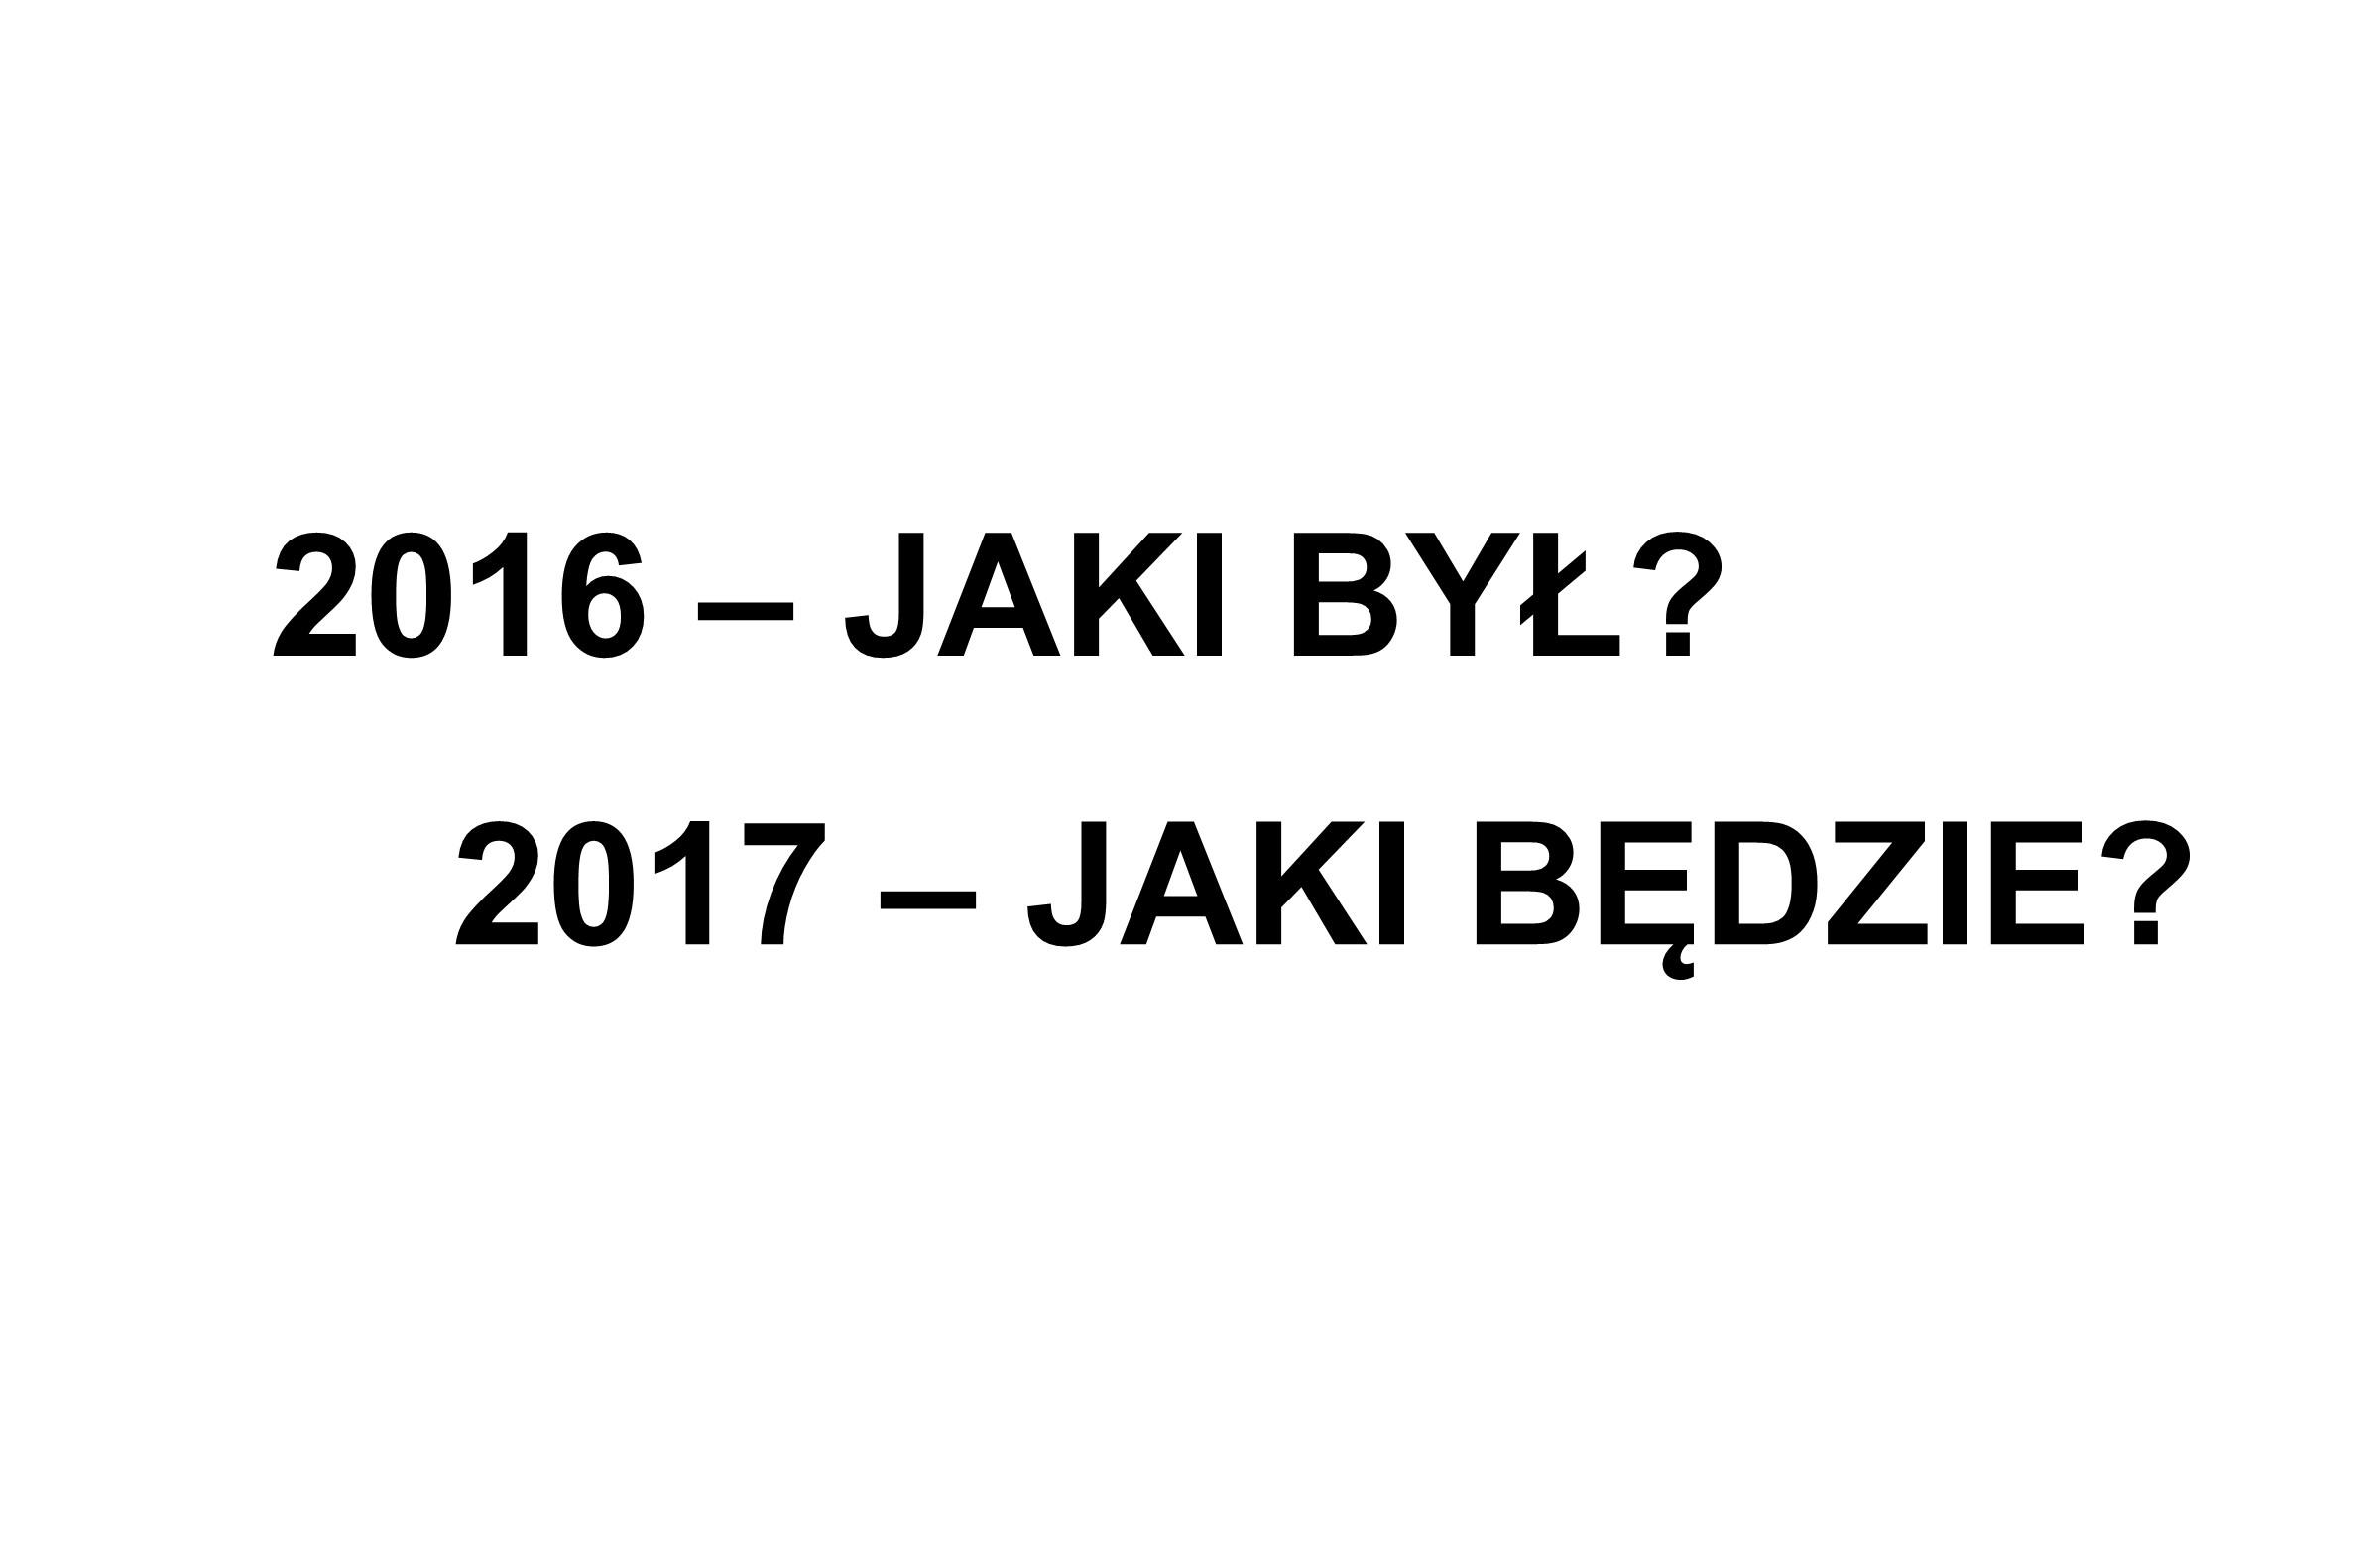 2016 – JAKI BYŁ? 2017 – JAKI BĘDZIE?